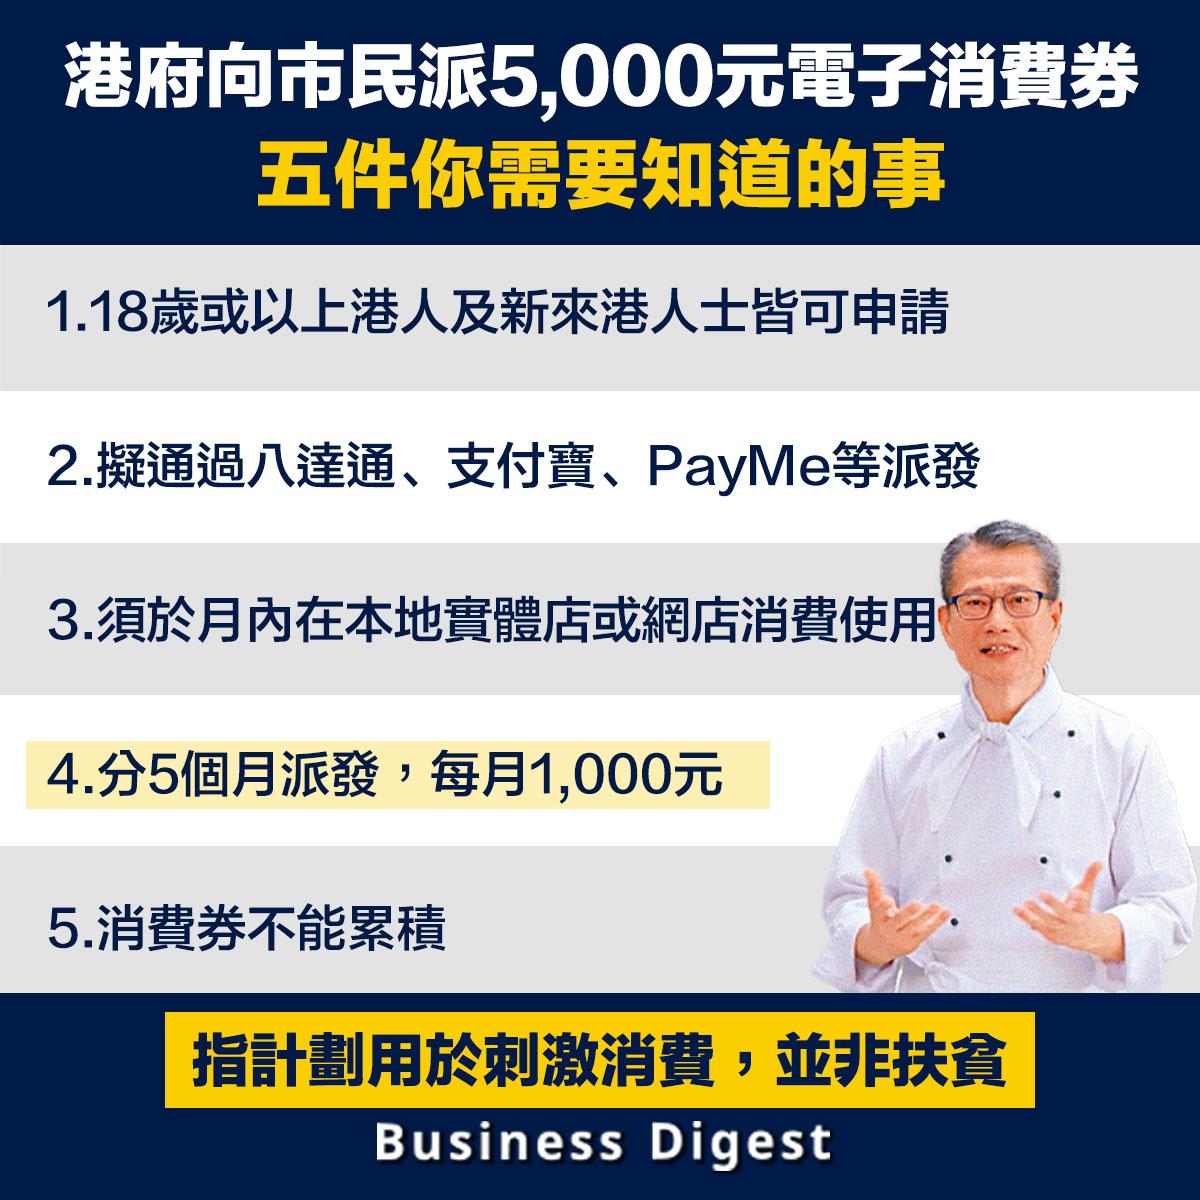 港府向市民派5,000元電子消費券,但派發方式以及消費上皆有限制